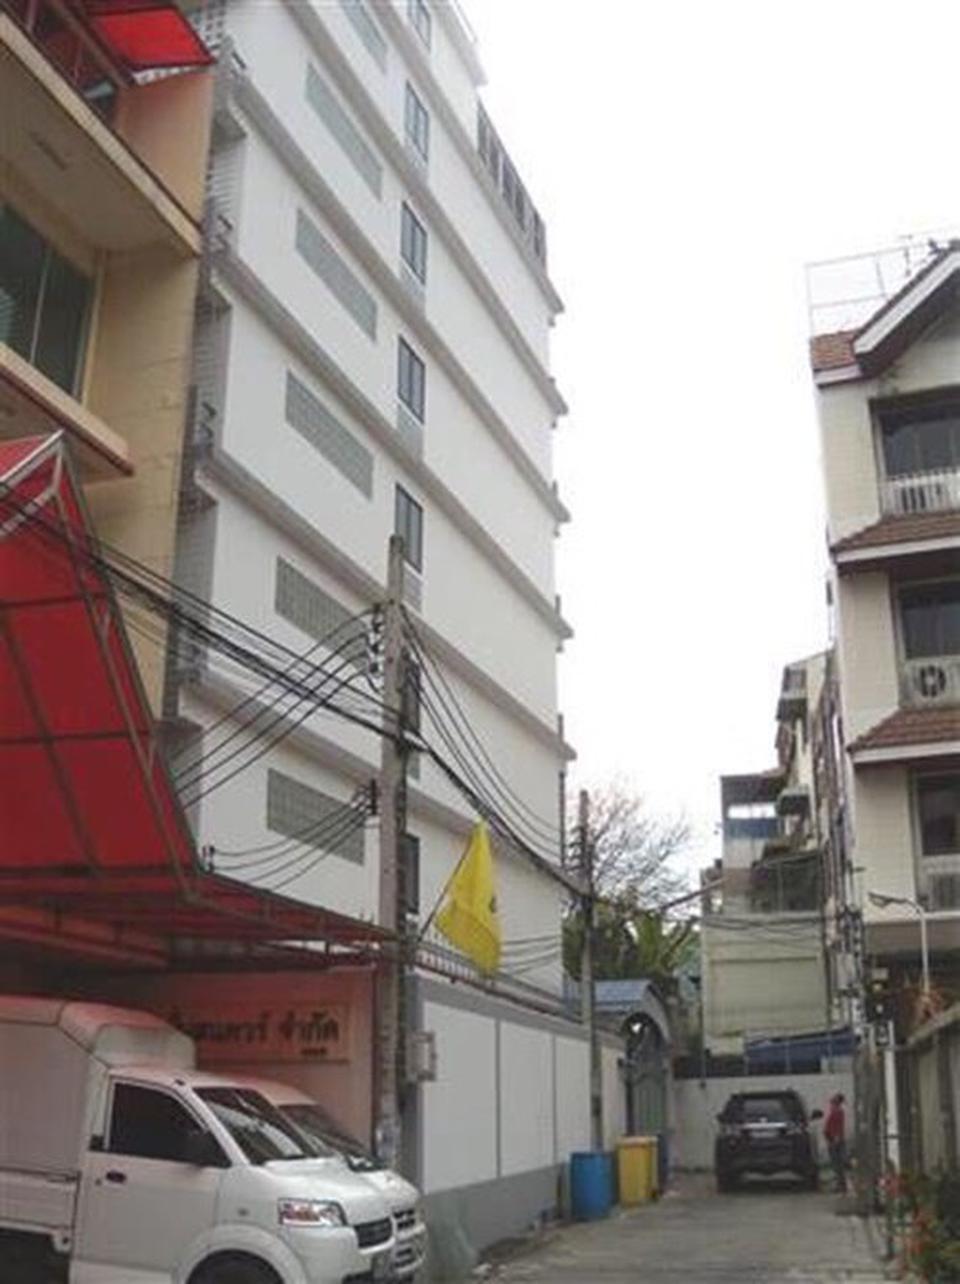 ขายอาคารพาณิชย์ 6 ชั้น อยู่ในซอยกรุงธนบุรี 6  เนื้อที่ 234.8 รูปที่ 6